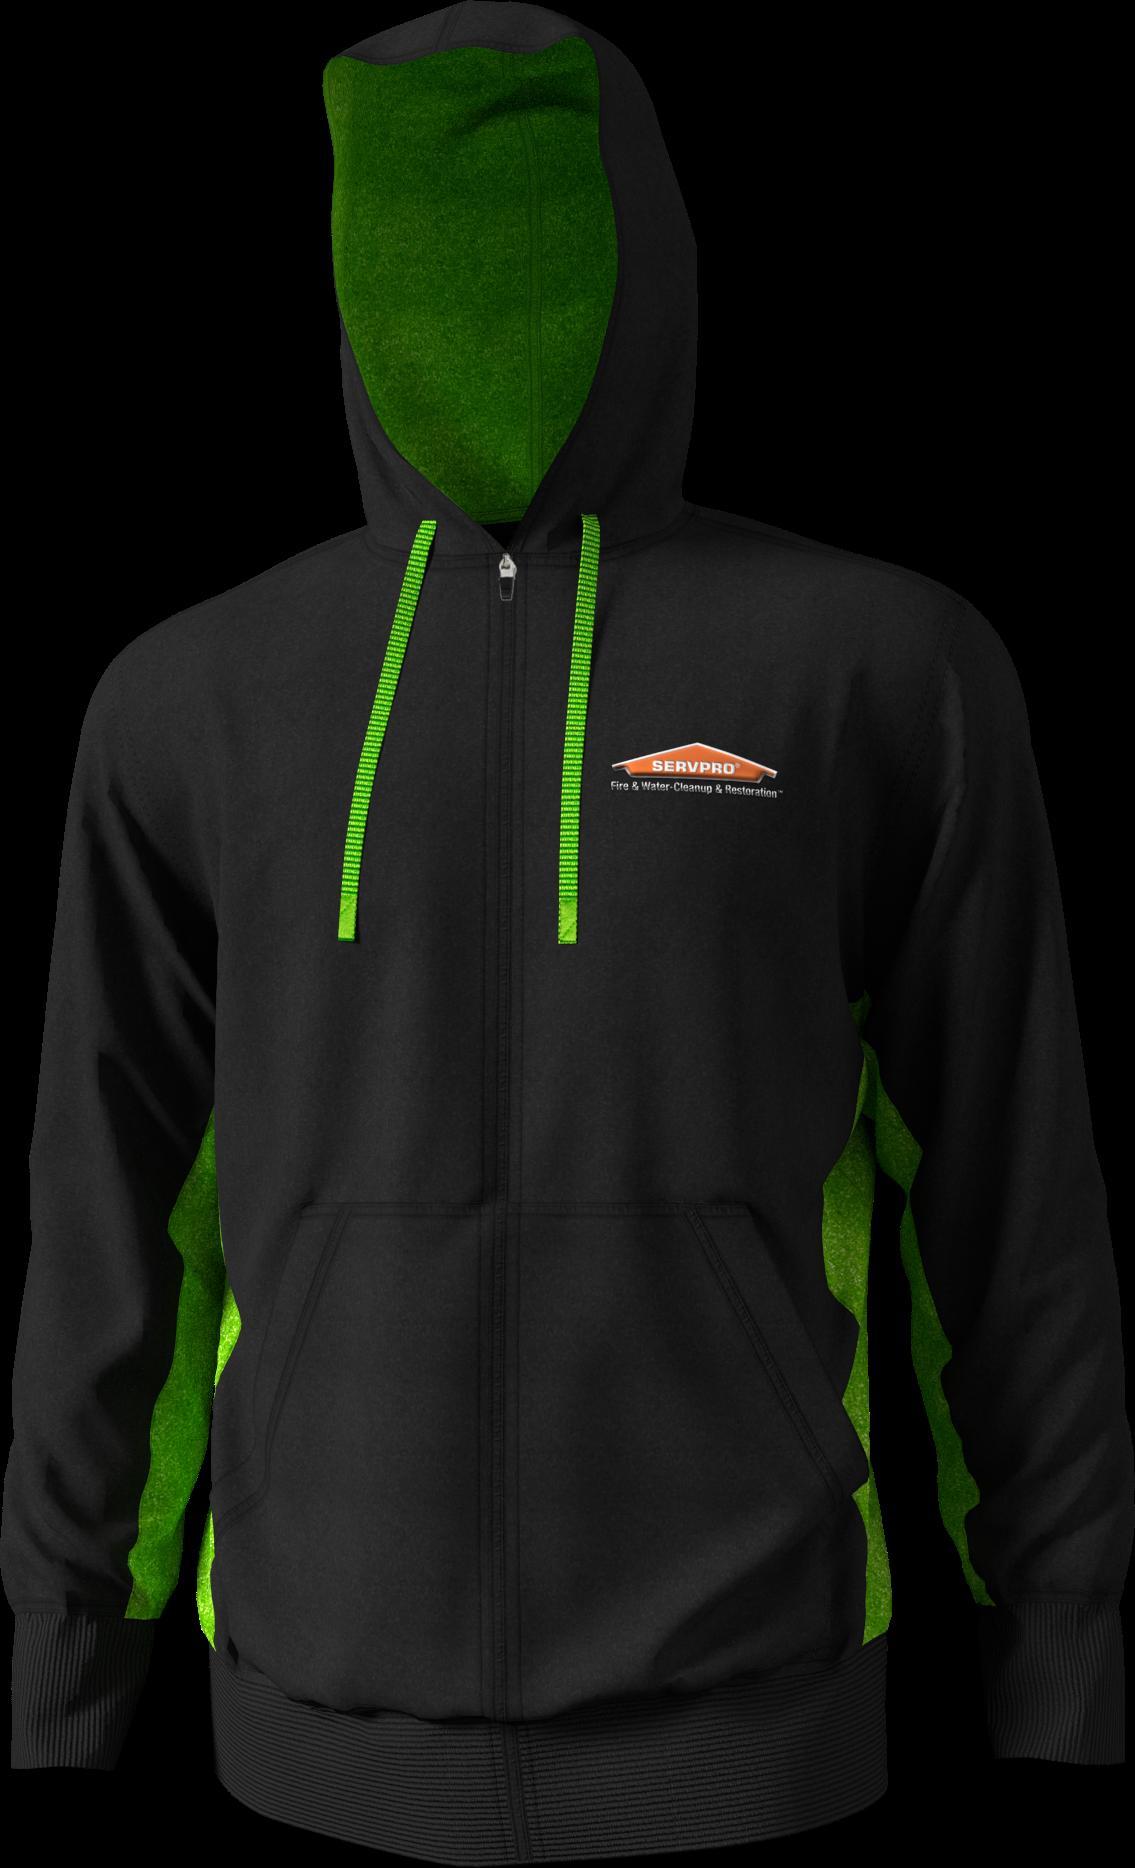 Hero Ready Gear Zipper Hooded Sweatshirt-